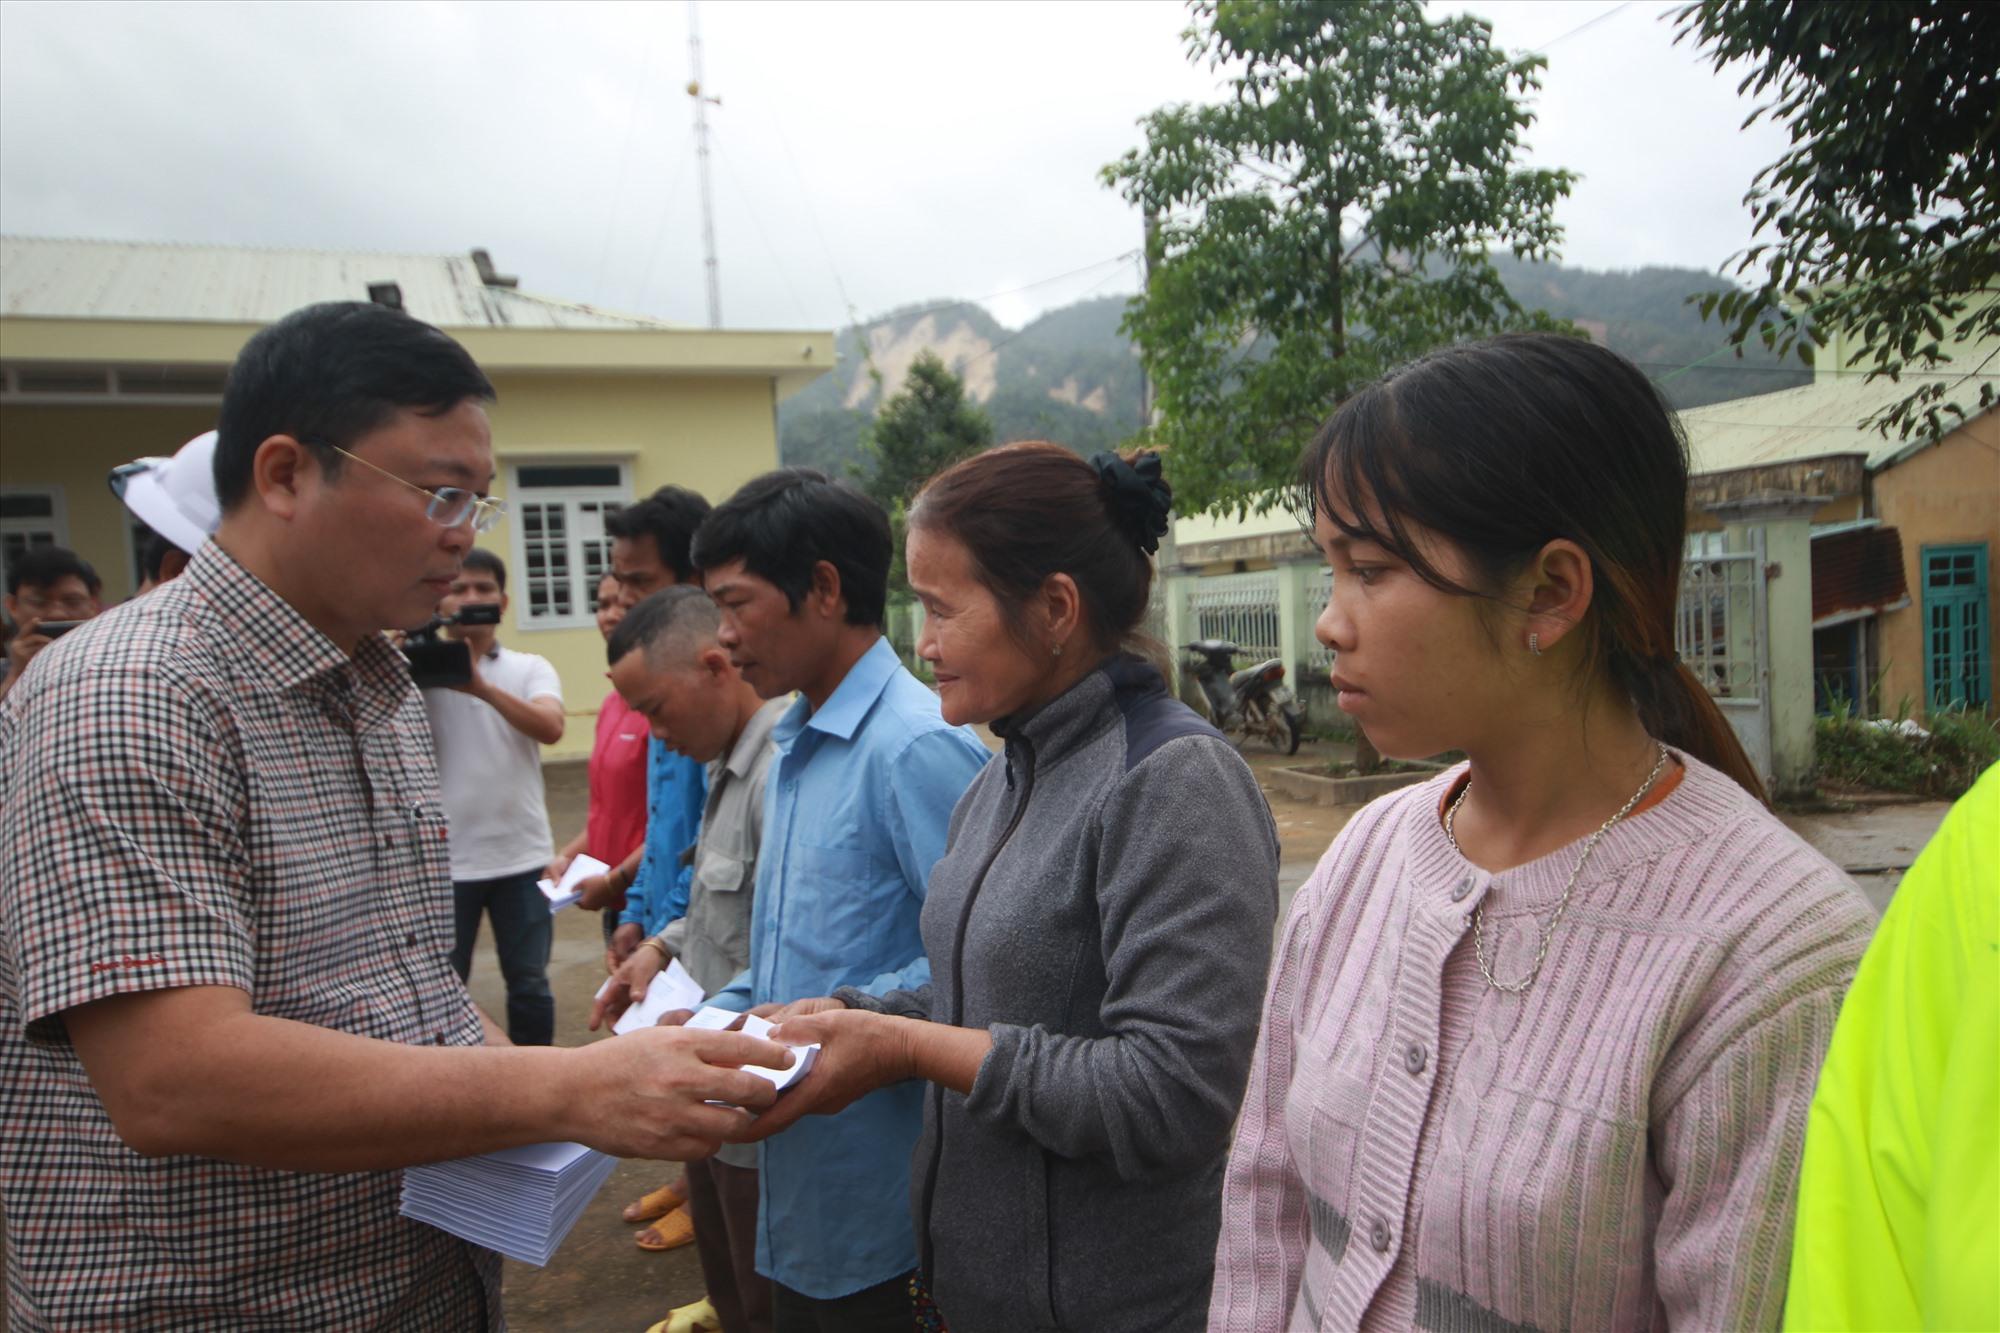 Tặng quà cho các hộ gia đình bị thiệt hại do bão lũ ở xã Phước Lộc. Ảnh: T.C